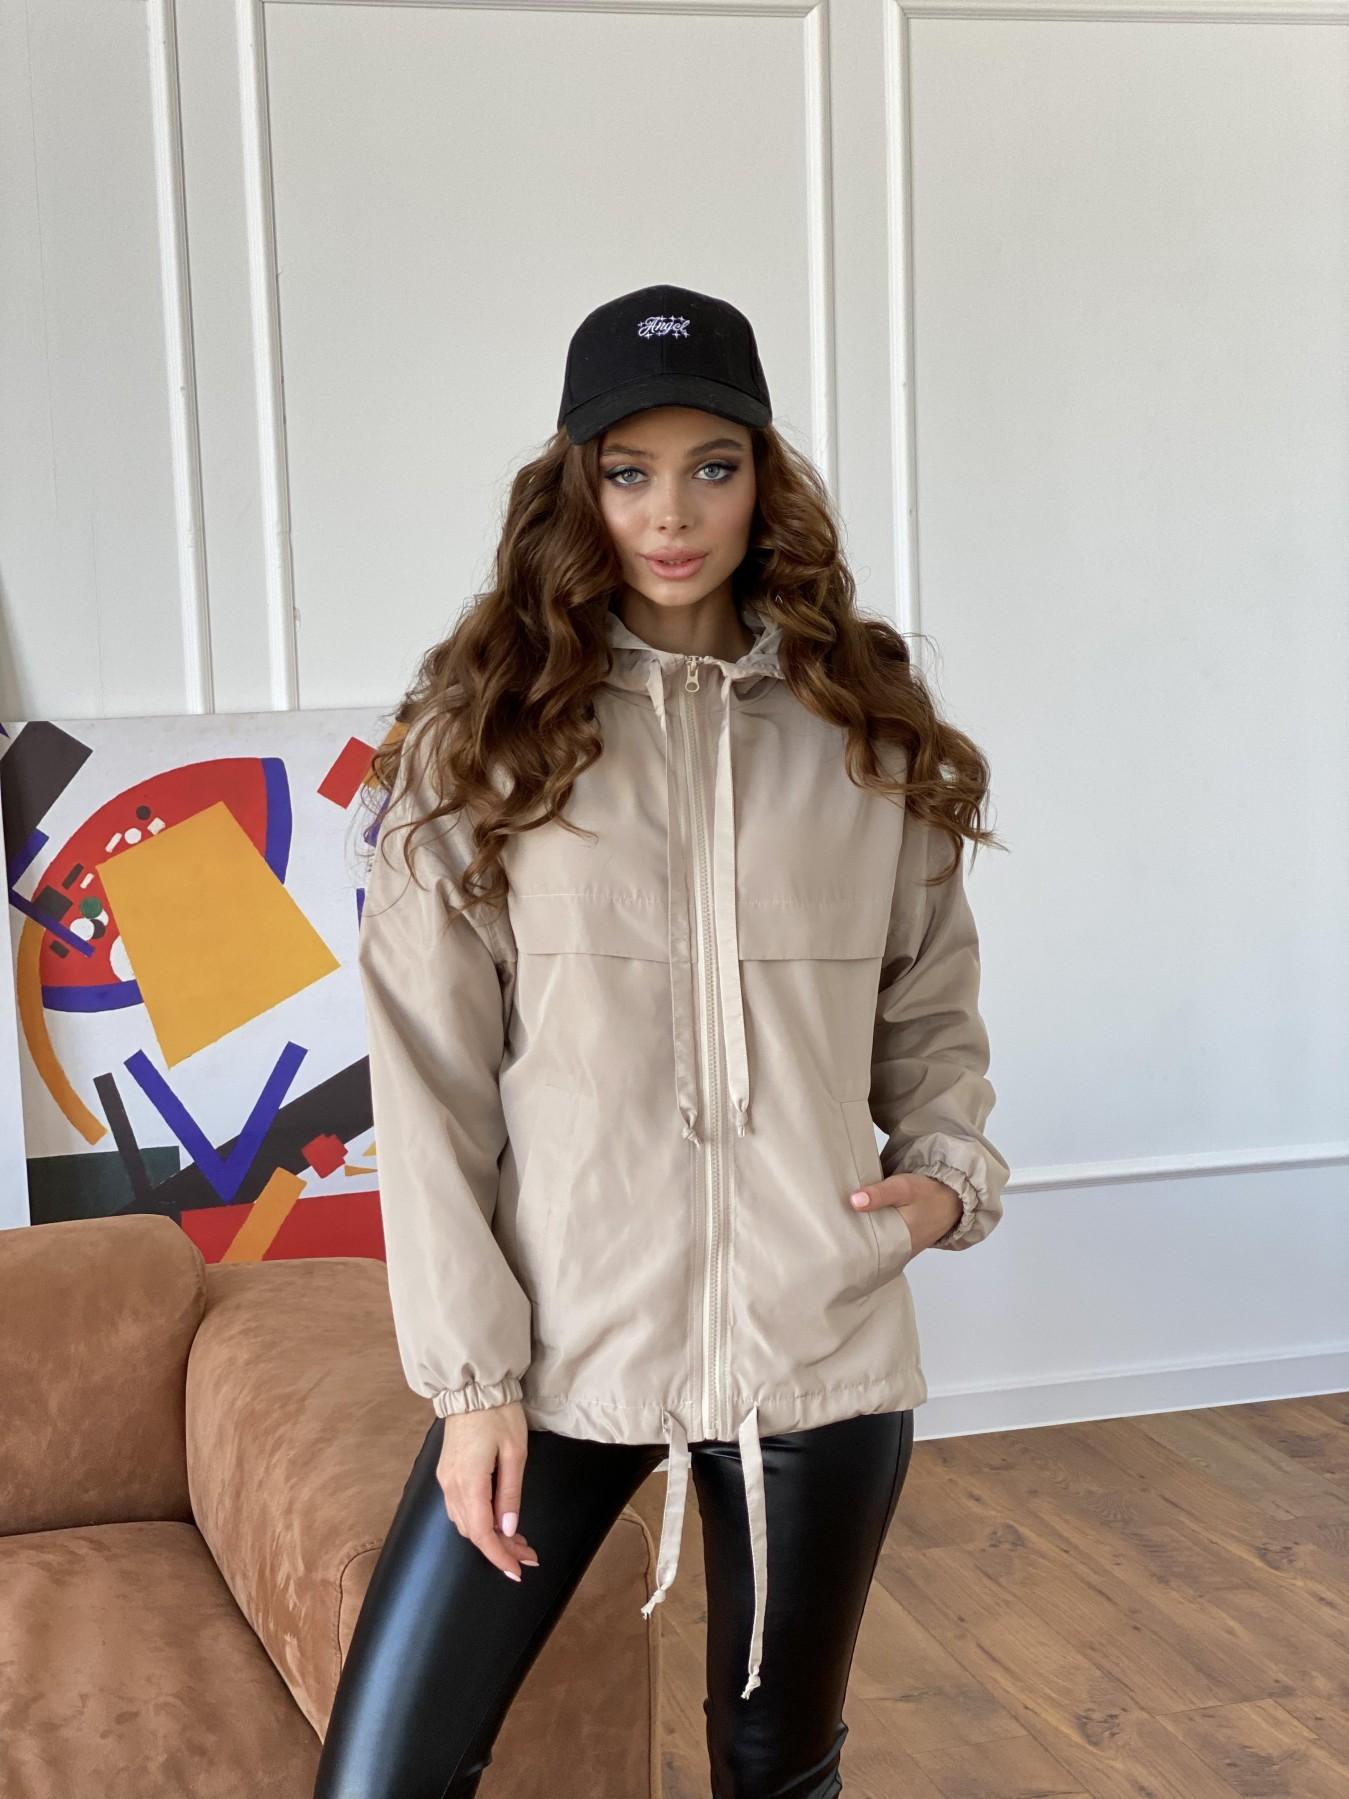 Фит куртка из плащевки Ammy 10971 АРТ. 47466 Цвет: Бежевый - фото 10, интернет магазин tm-modus.ru